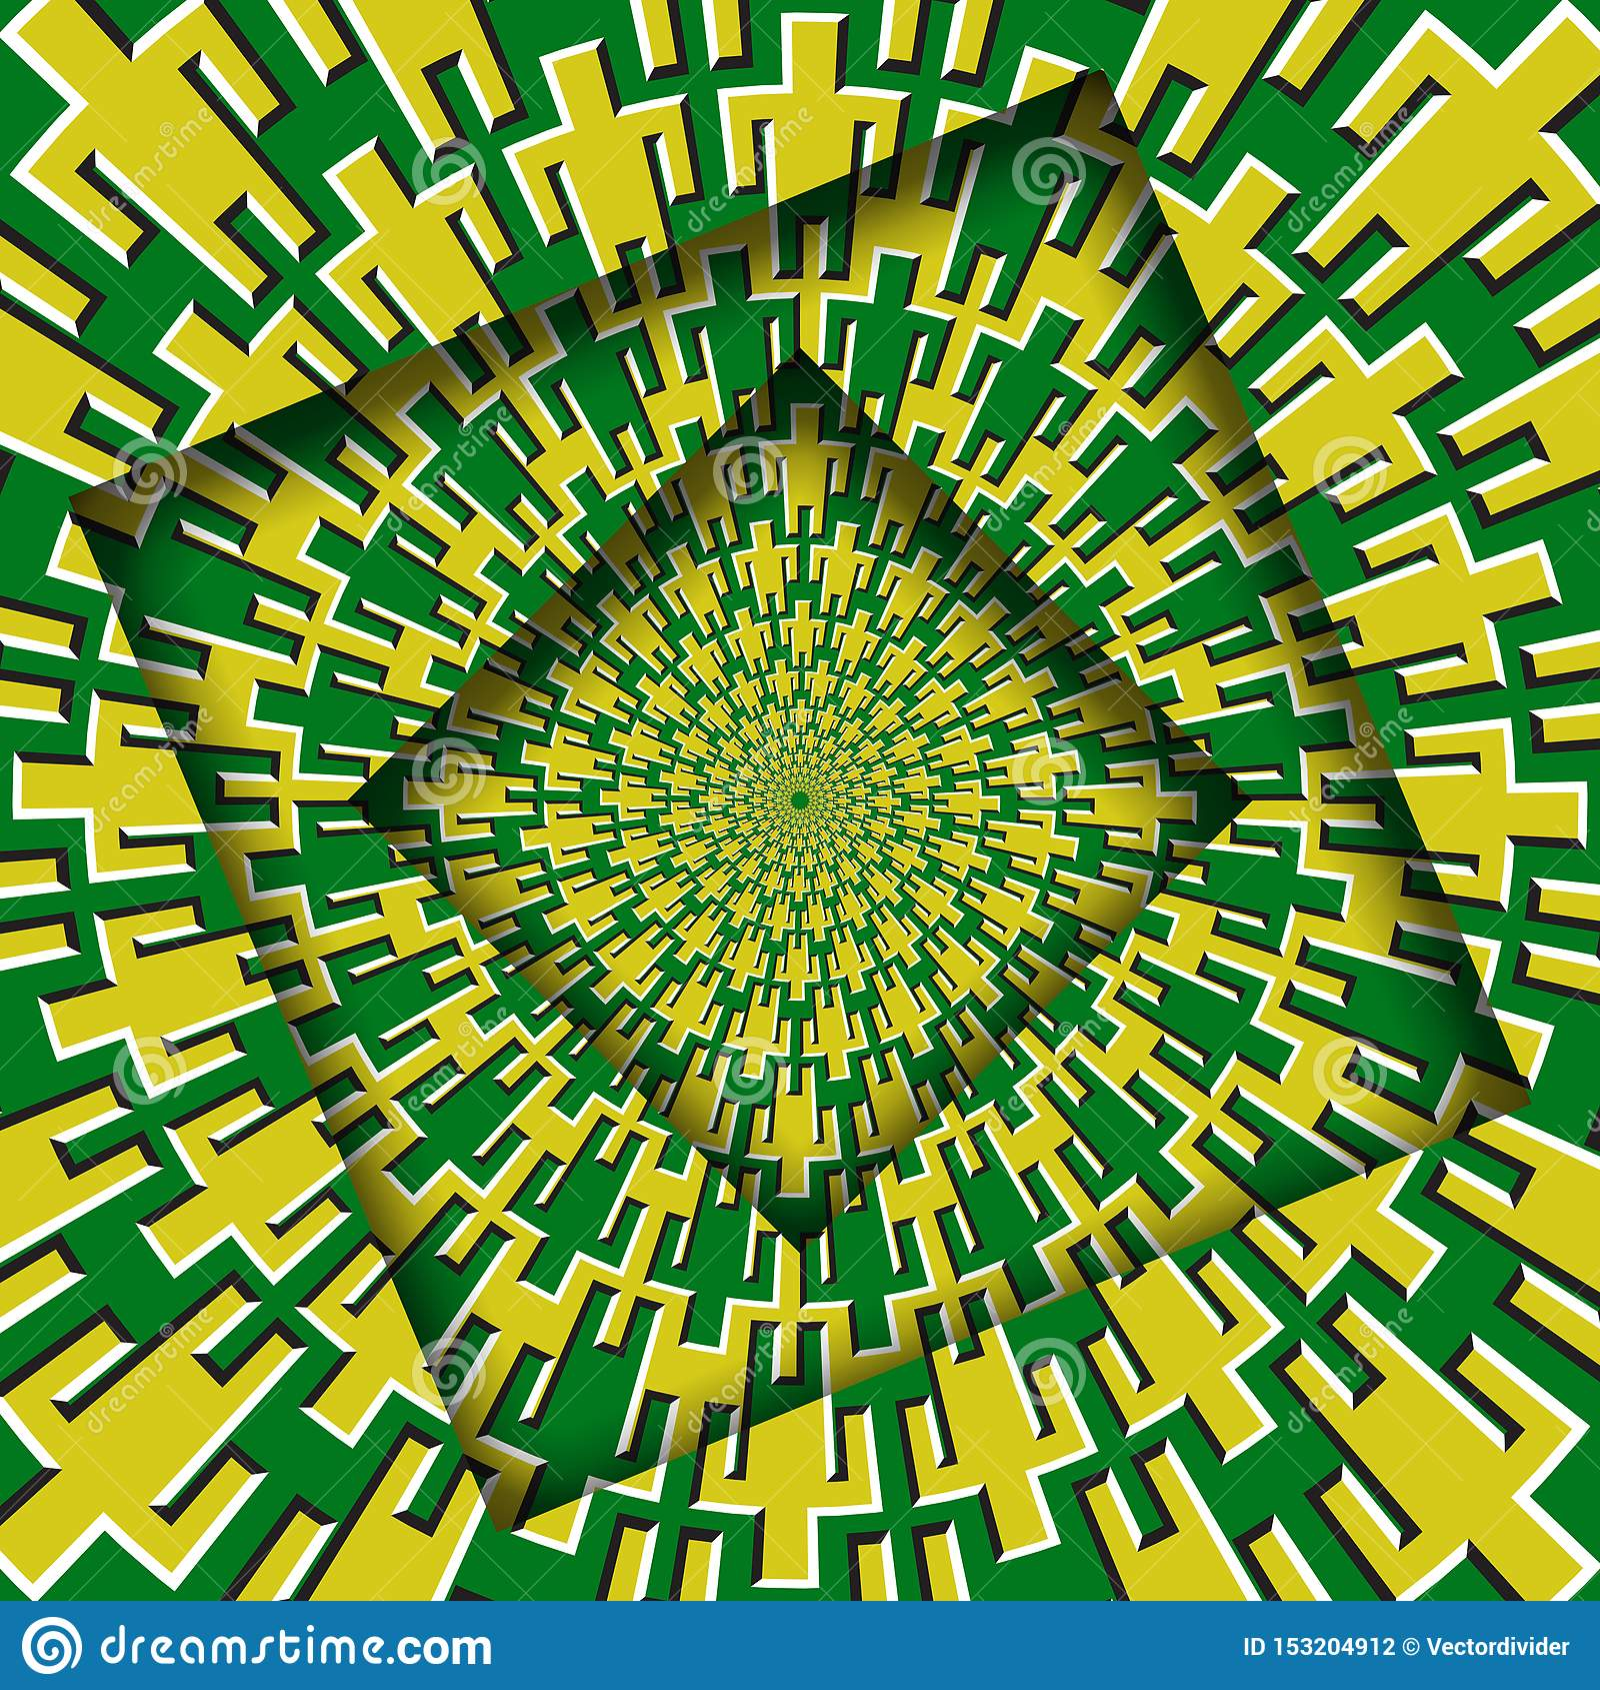 Samenvatting gedraaide kaders met een roterend geelgroen patroon van mensensymbolen Optische illusie hypnotic achtergrond